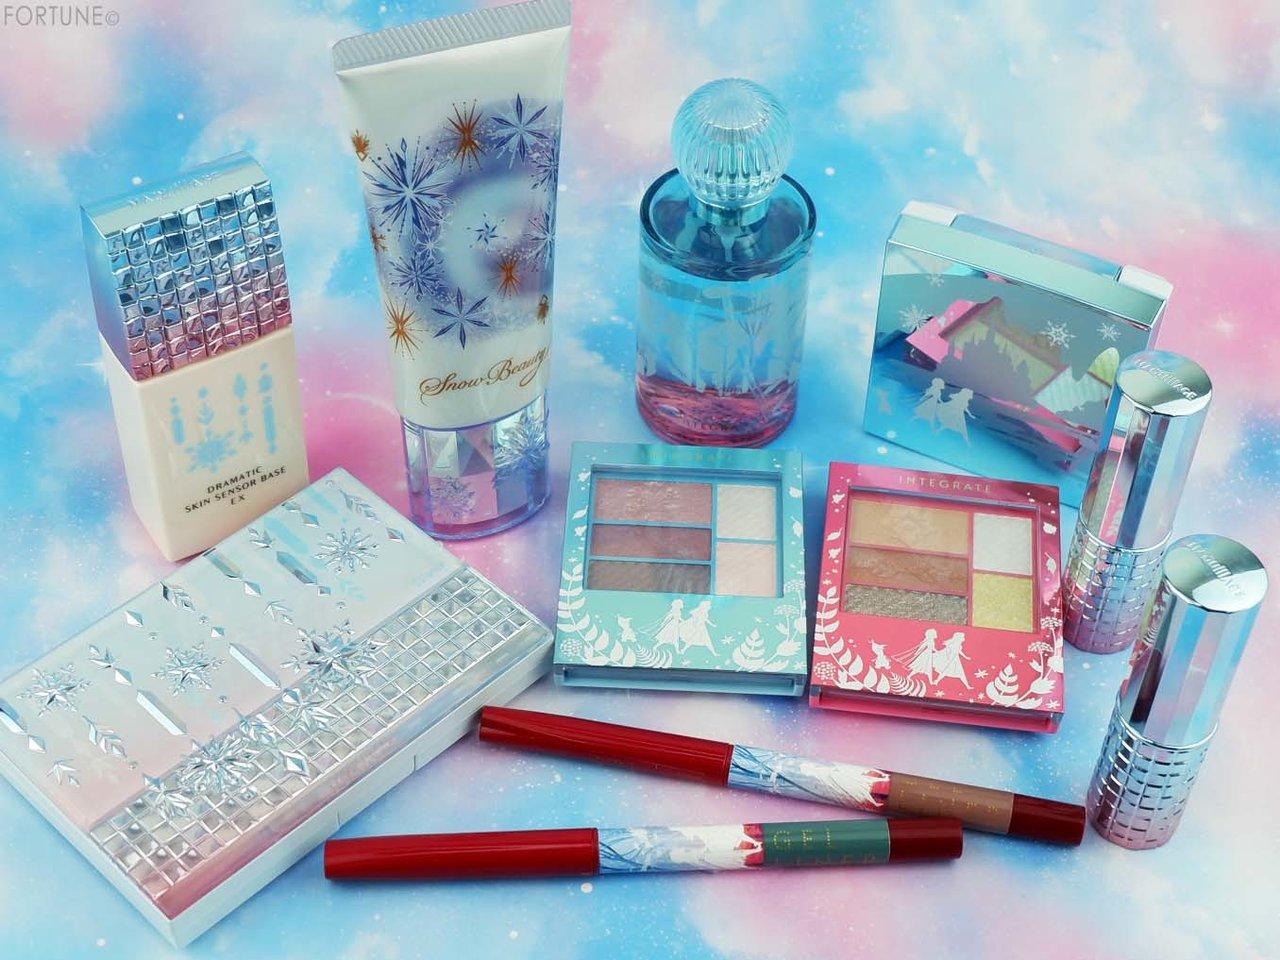 画像:資生堂「アナと雪の女王2」限定デザイン商品